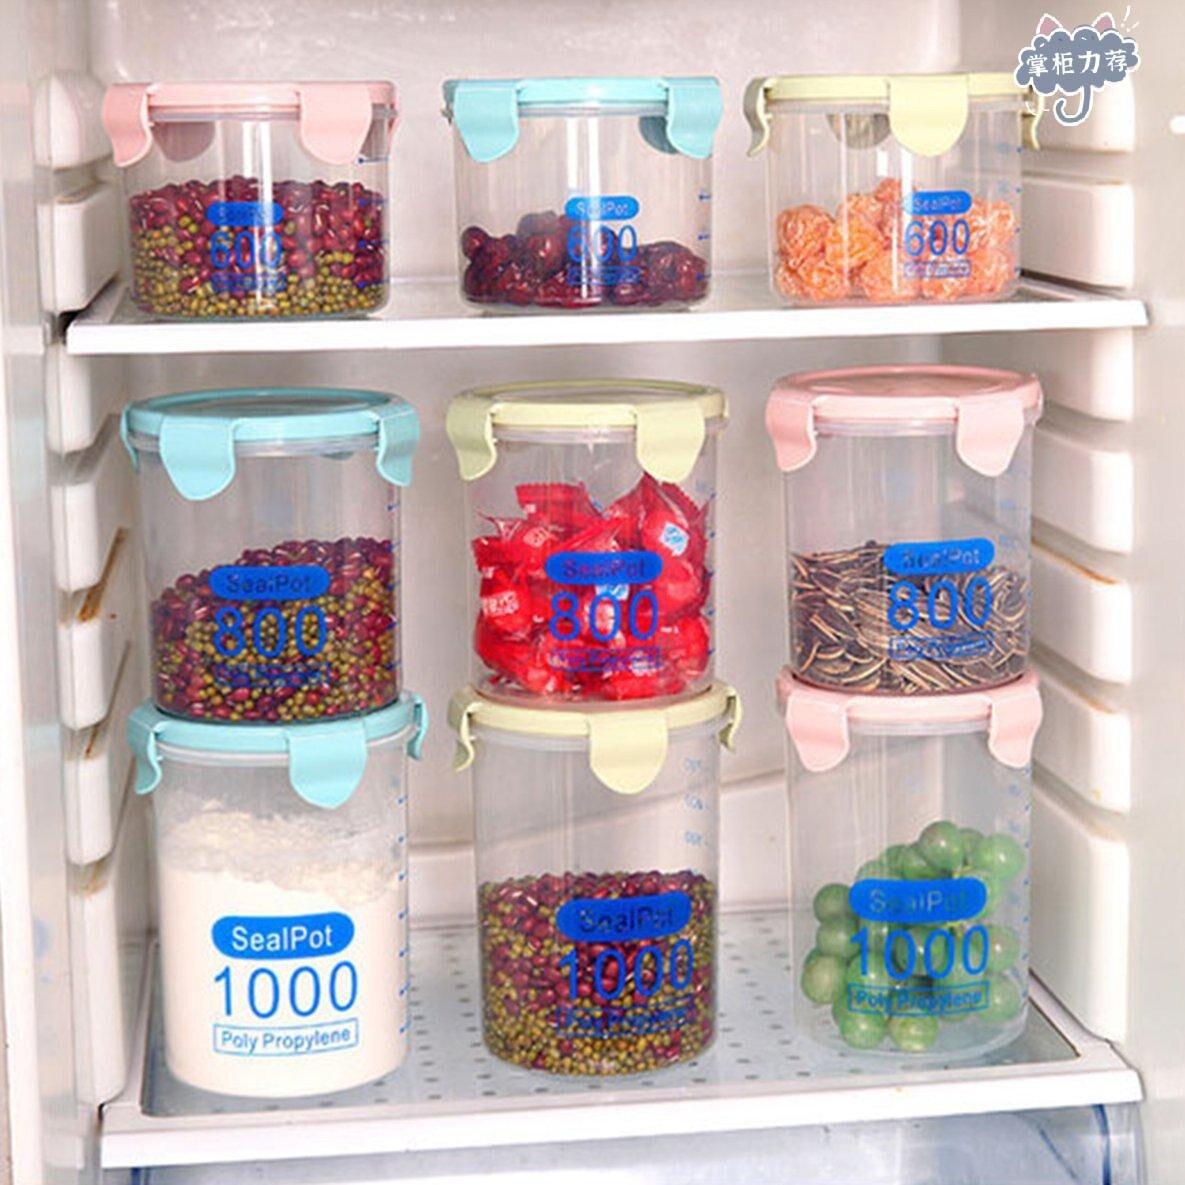 【全館免運】多功能塑料密封罐 家用廚房食品儲糧罐 食物塑料收納罐 透明塑膠罐 冰箱保鮮罐 廚房五穀雜糧收納罐